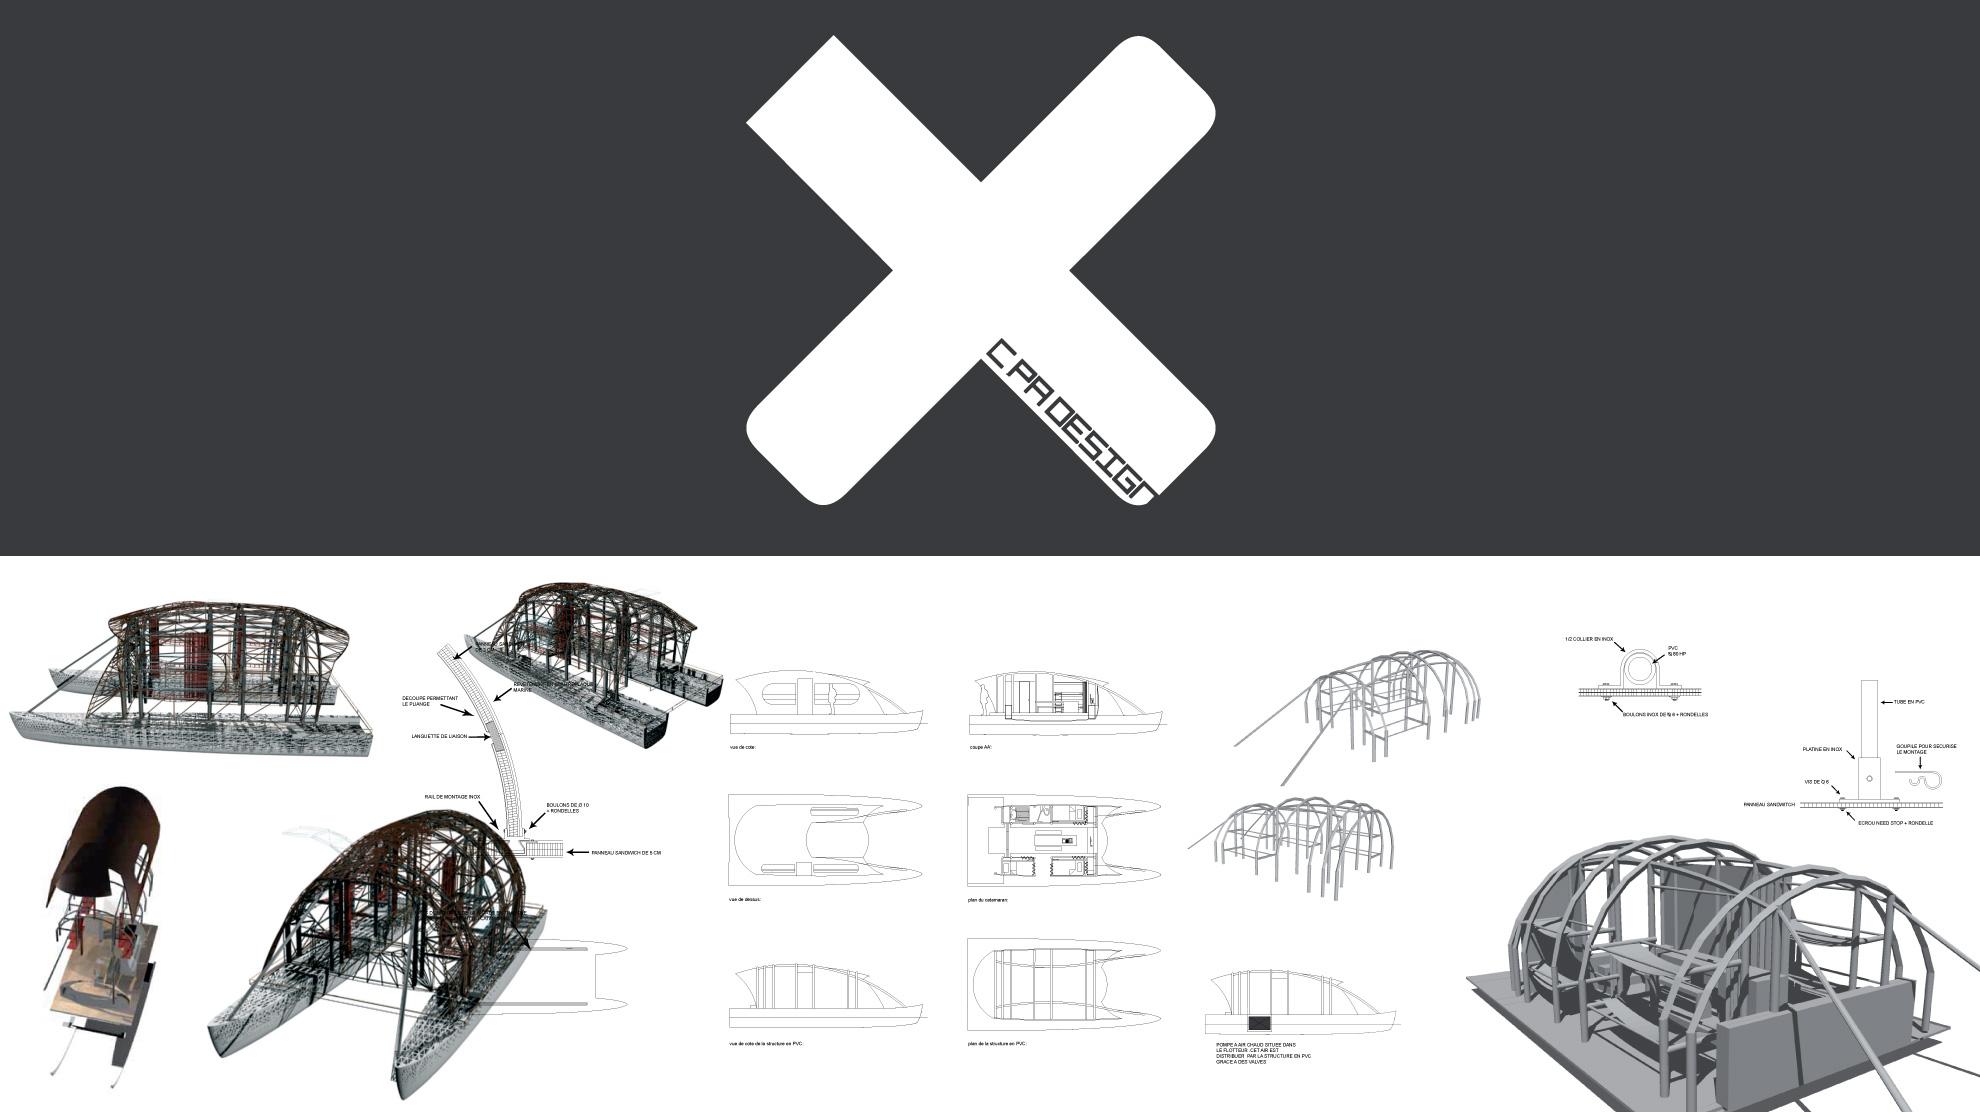 c_pa_design_produit_plan-montage3d-visuel-pro